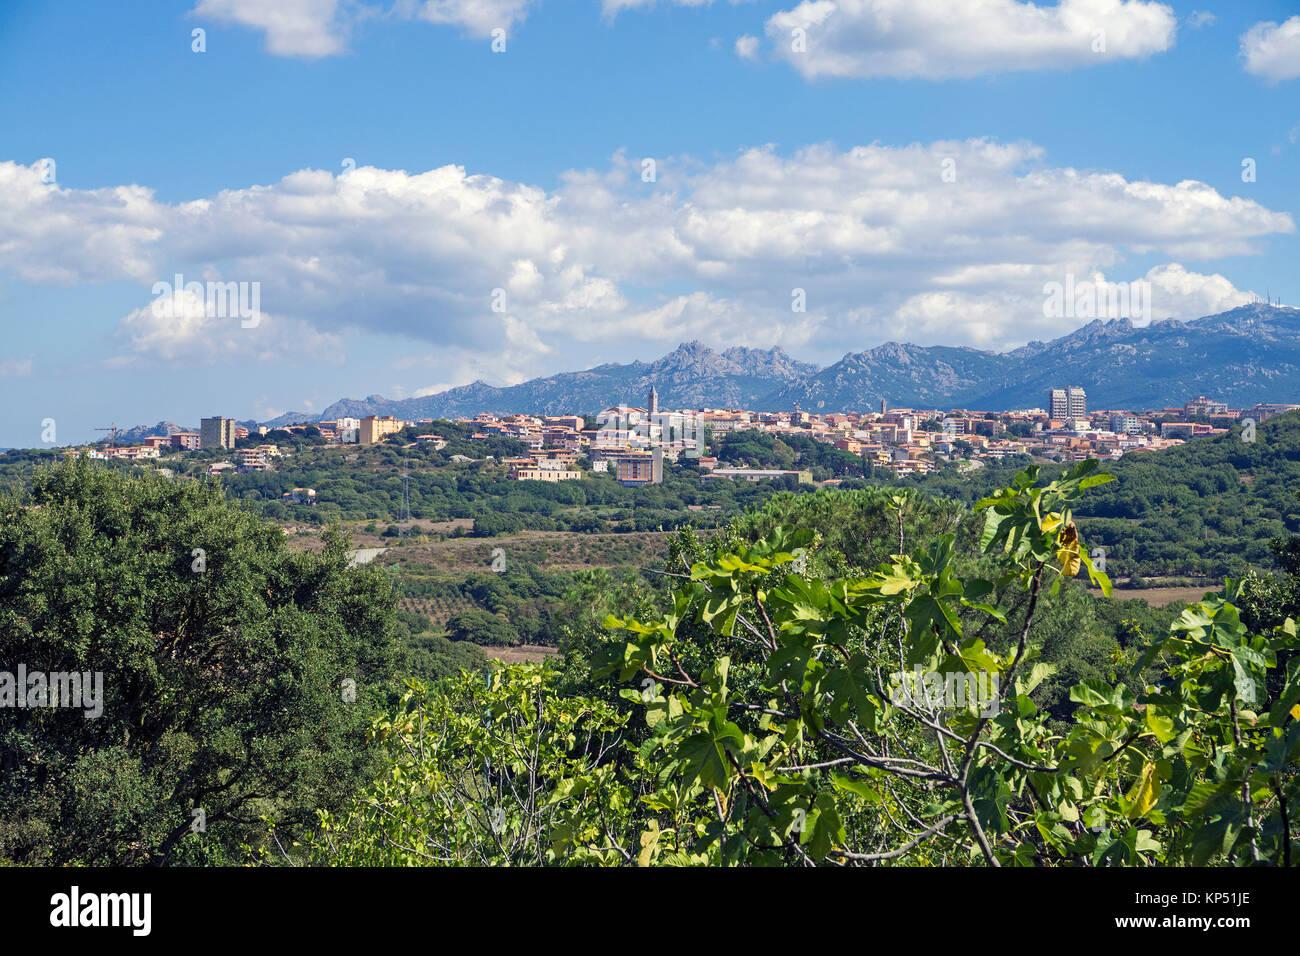 Blick auf die stadt Tempio Pausania, Olbia-Tempio, Gallura, Sardinien, Italien, Mittelmeer, Europa Stockbild